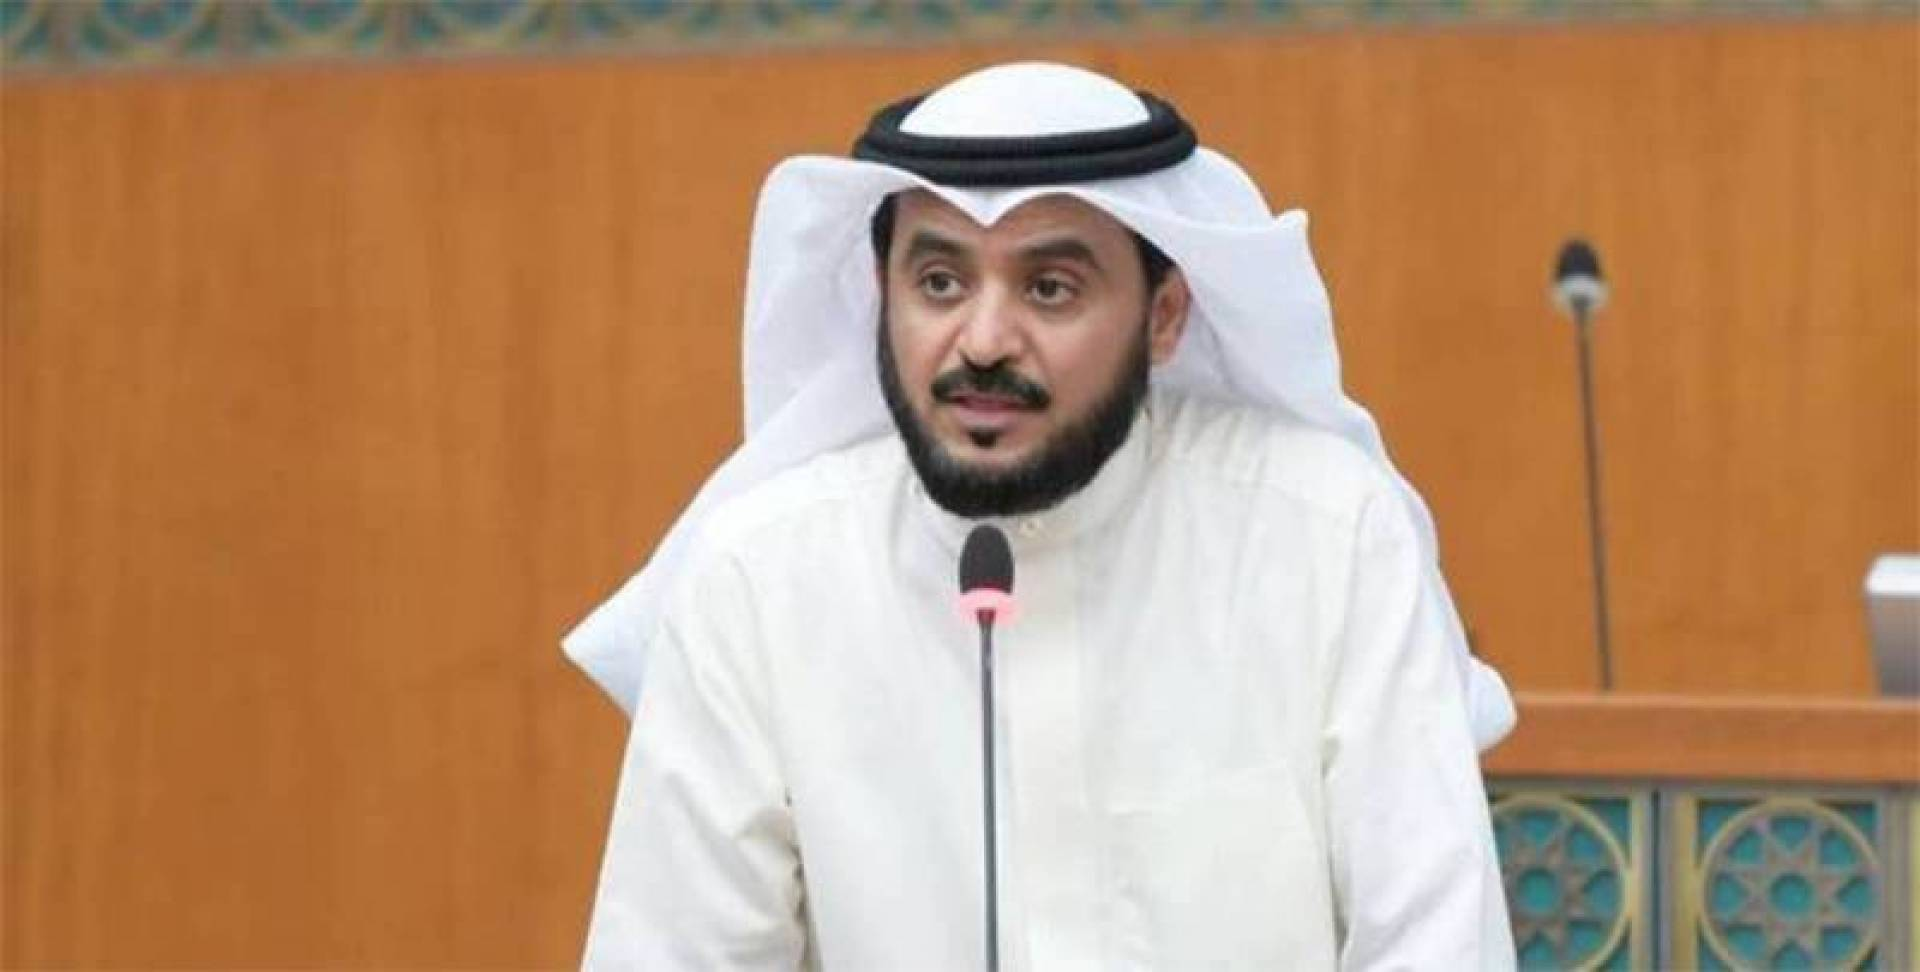 محمد الحويلة: نرفض جملةً وتفصيلا المشروع الحكومي بشأن تخفيض رواتب الكويتيين في القطاع الخاص